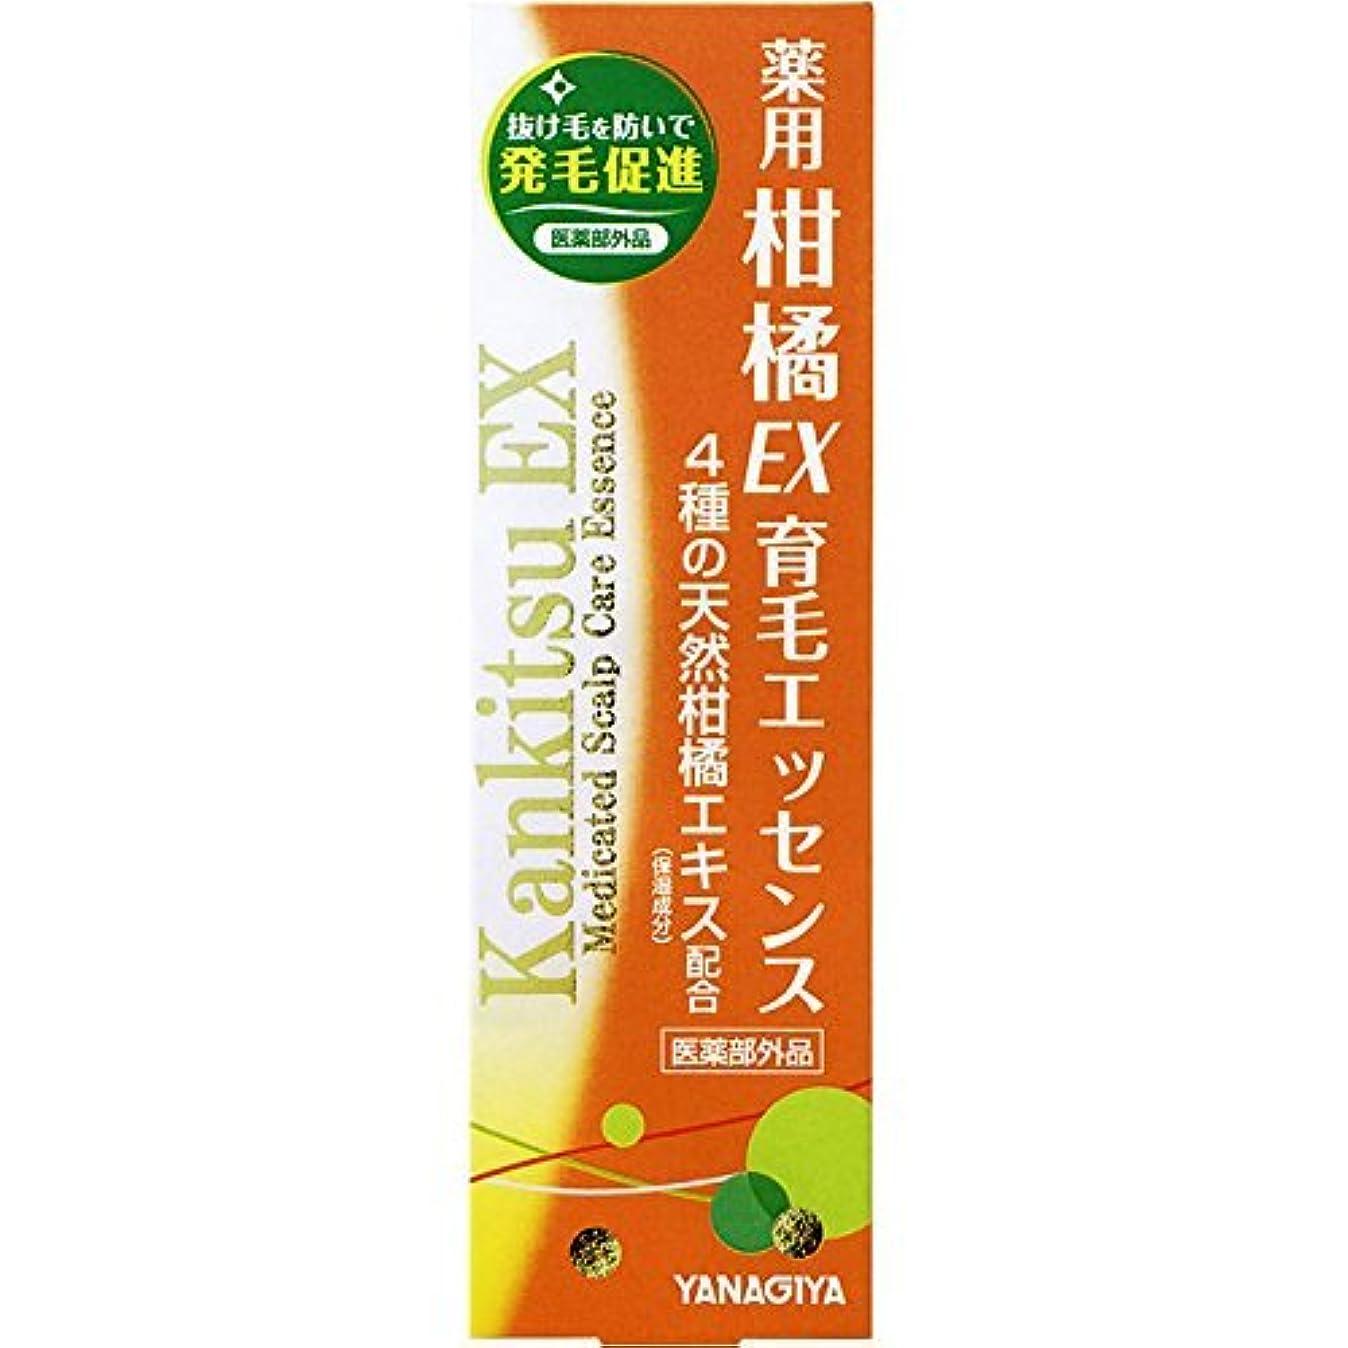 レンズウルル入場料薬用柑橘EX 育毛エッセンス180ml